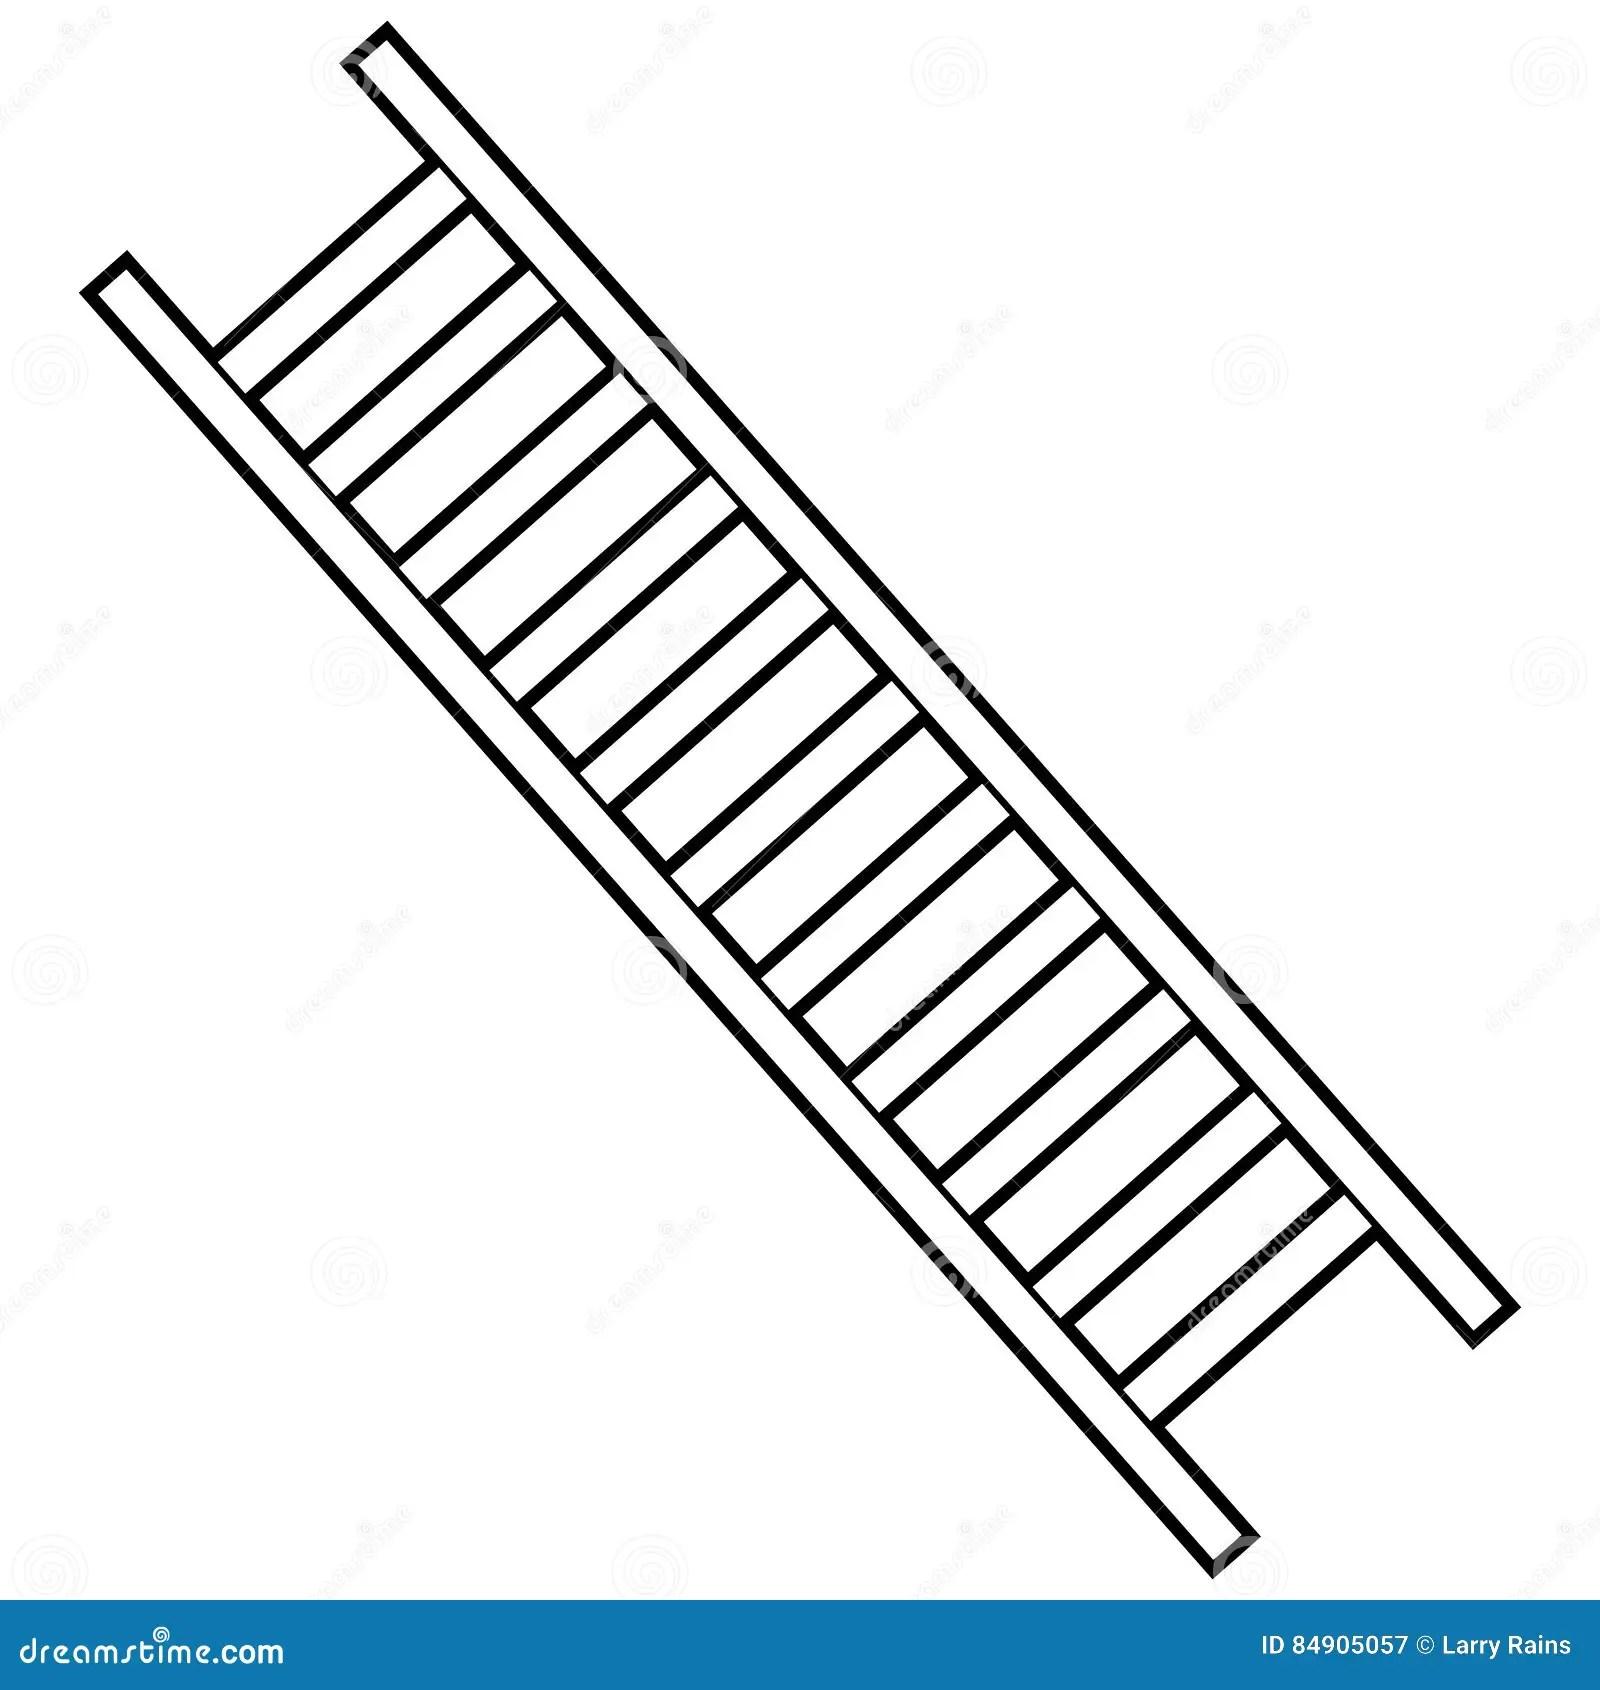 Firefighter Ladder Illustration Stock Vector